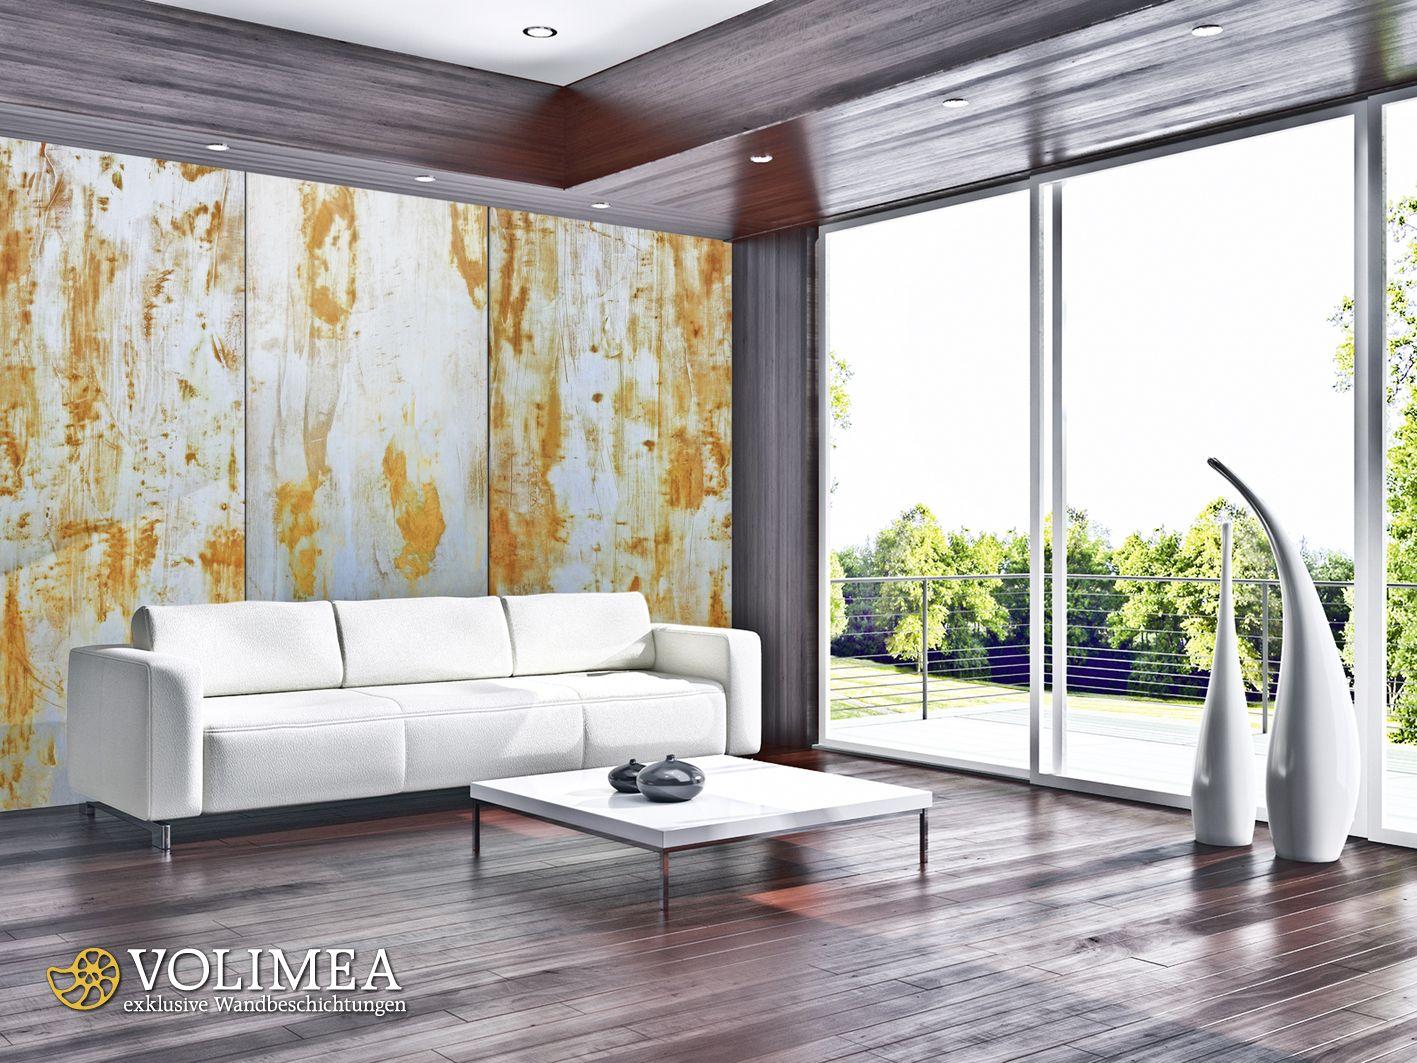 Schoner Wohnen Mit Rost Optik Von Volimea Wandbeschichtung Exklusive Wandbeschichtung Exklusive Verarbeitung In Raum Wandbeschichtungen Design Schoner Wohnen